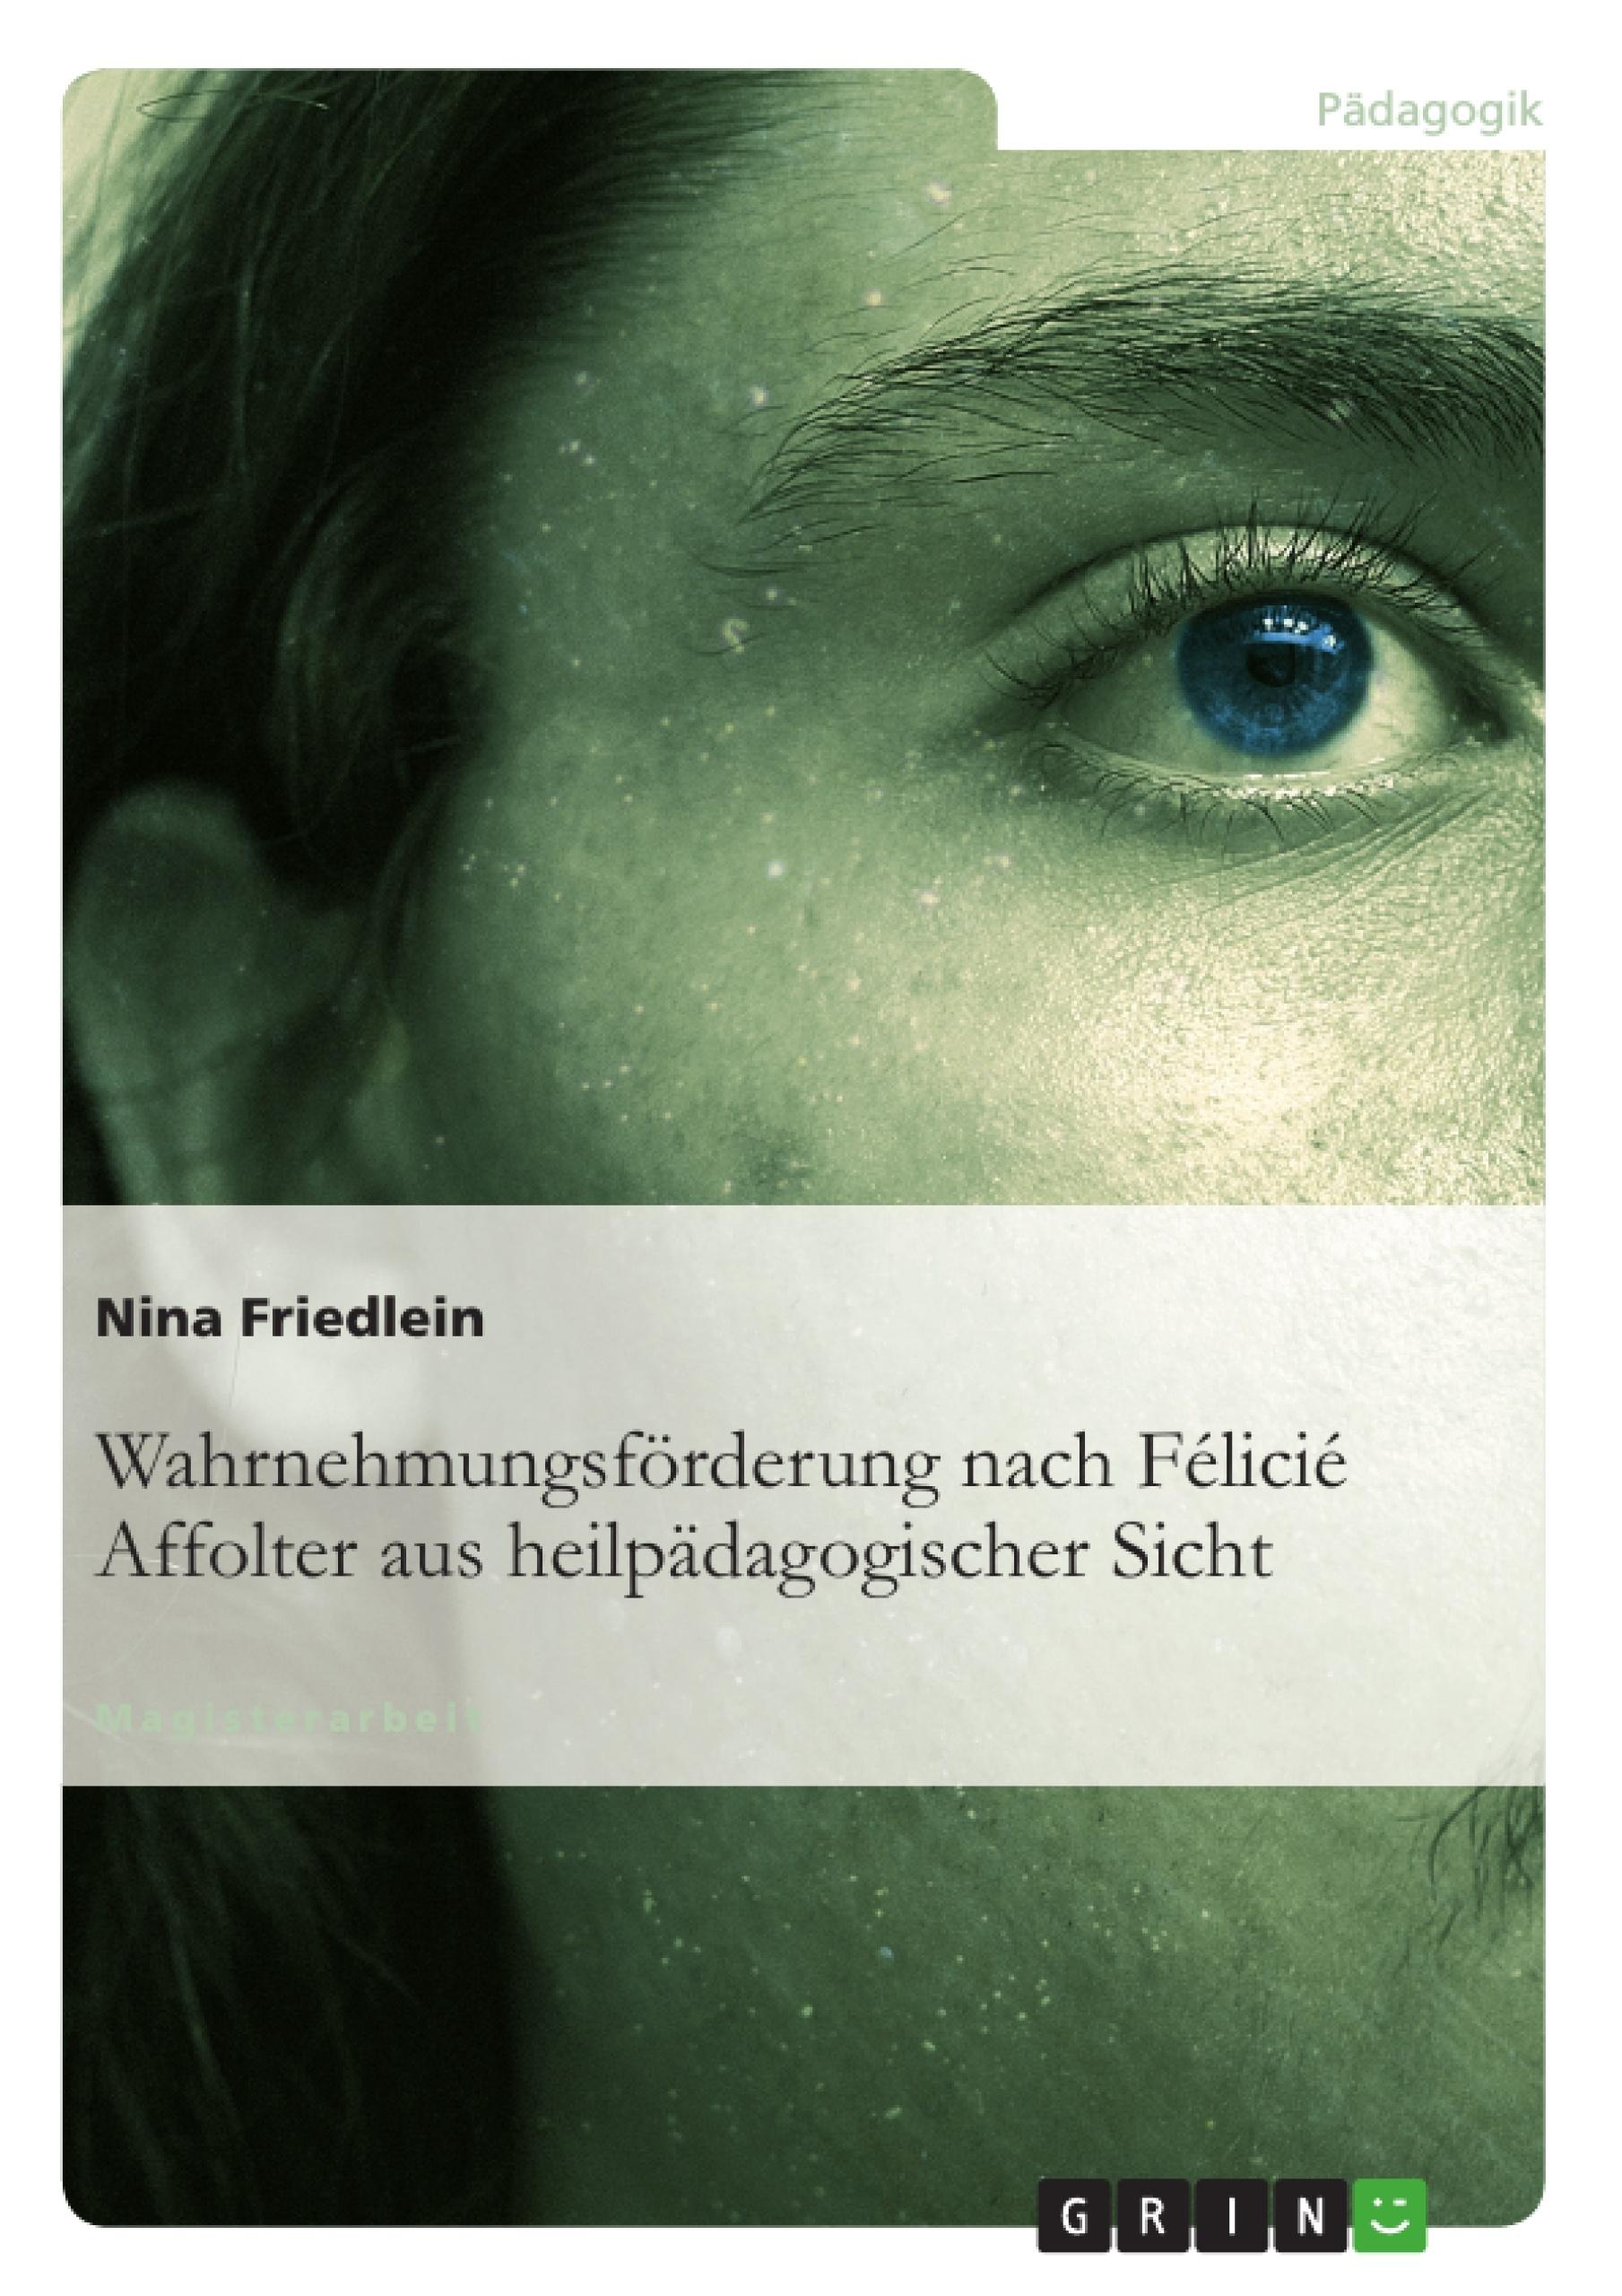 Titel: Wahrnehmungsförderung nach Félicié Affolter aus heilpädagogischer Sicht